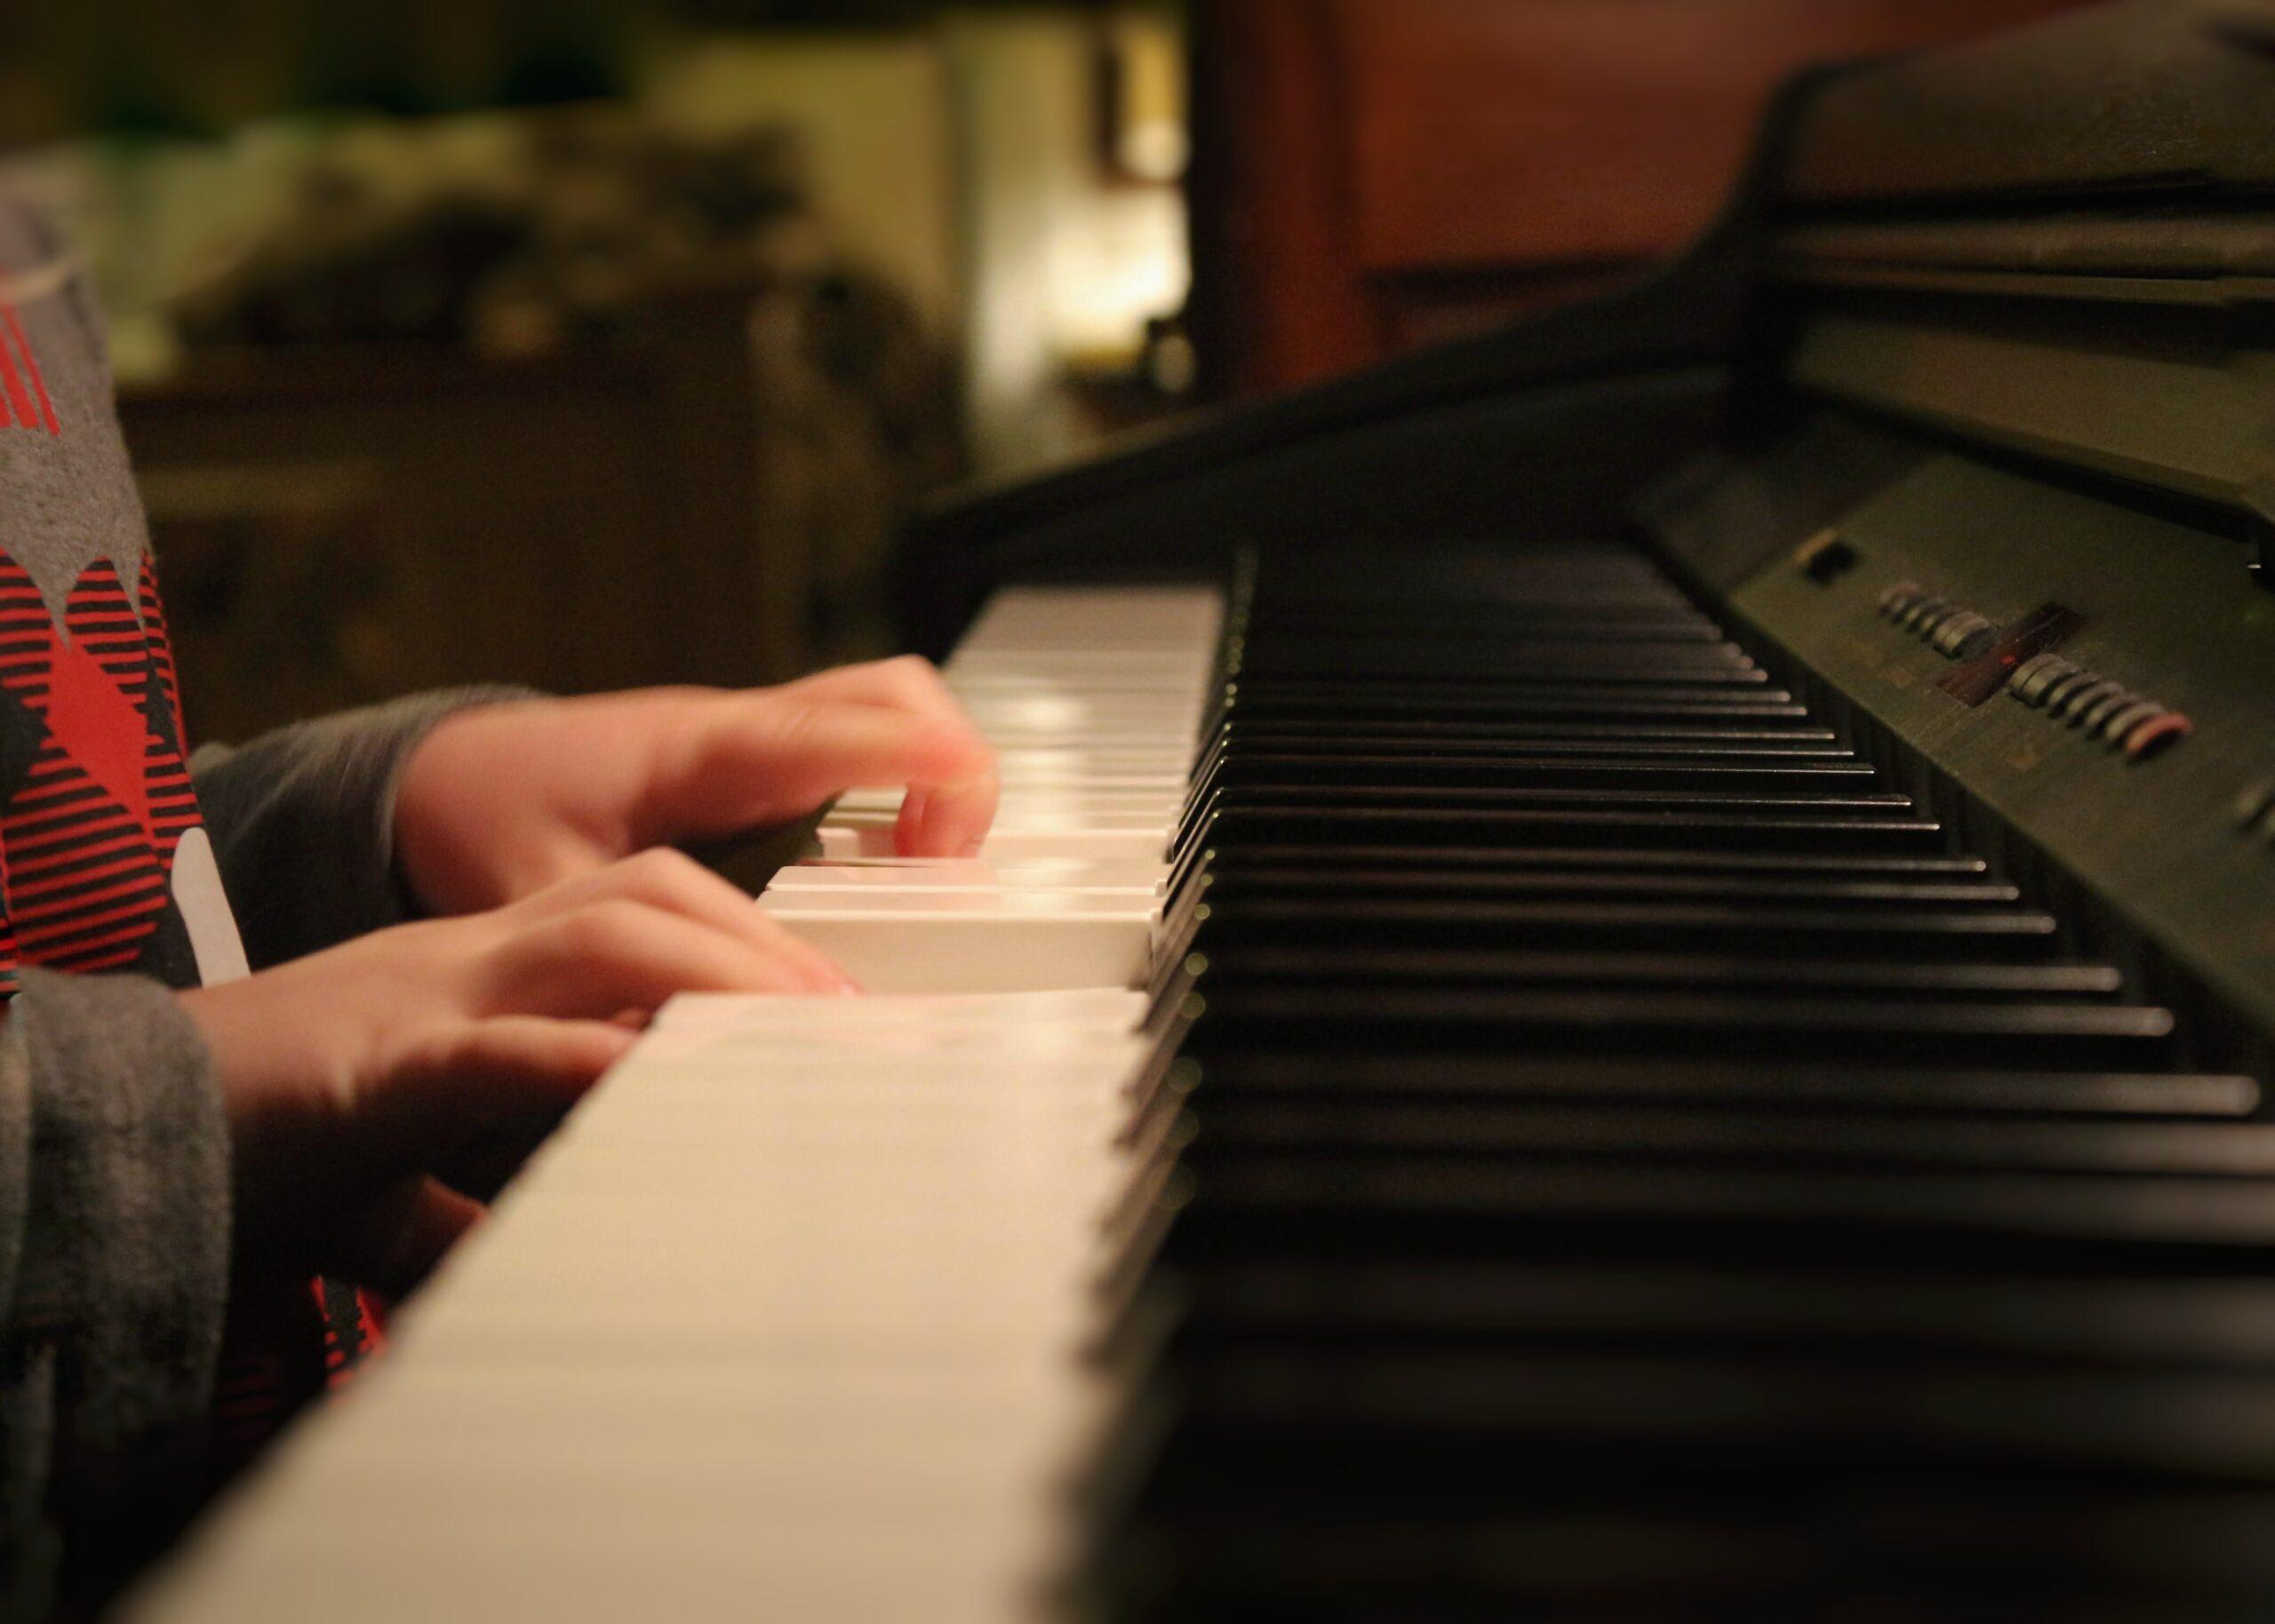 間 六 あらすじ マン 畳 ピアノ の